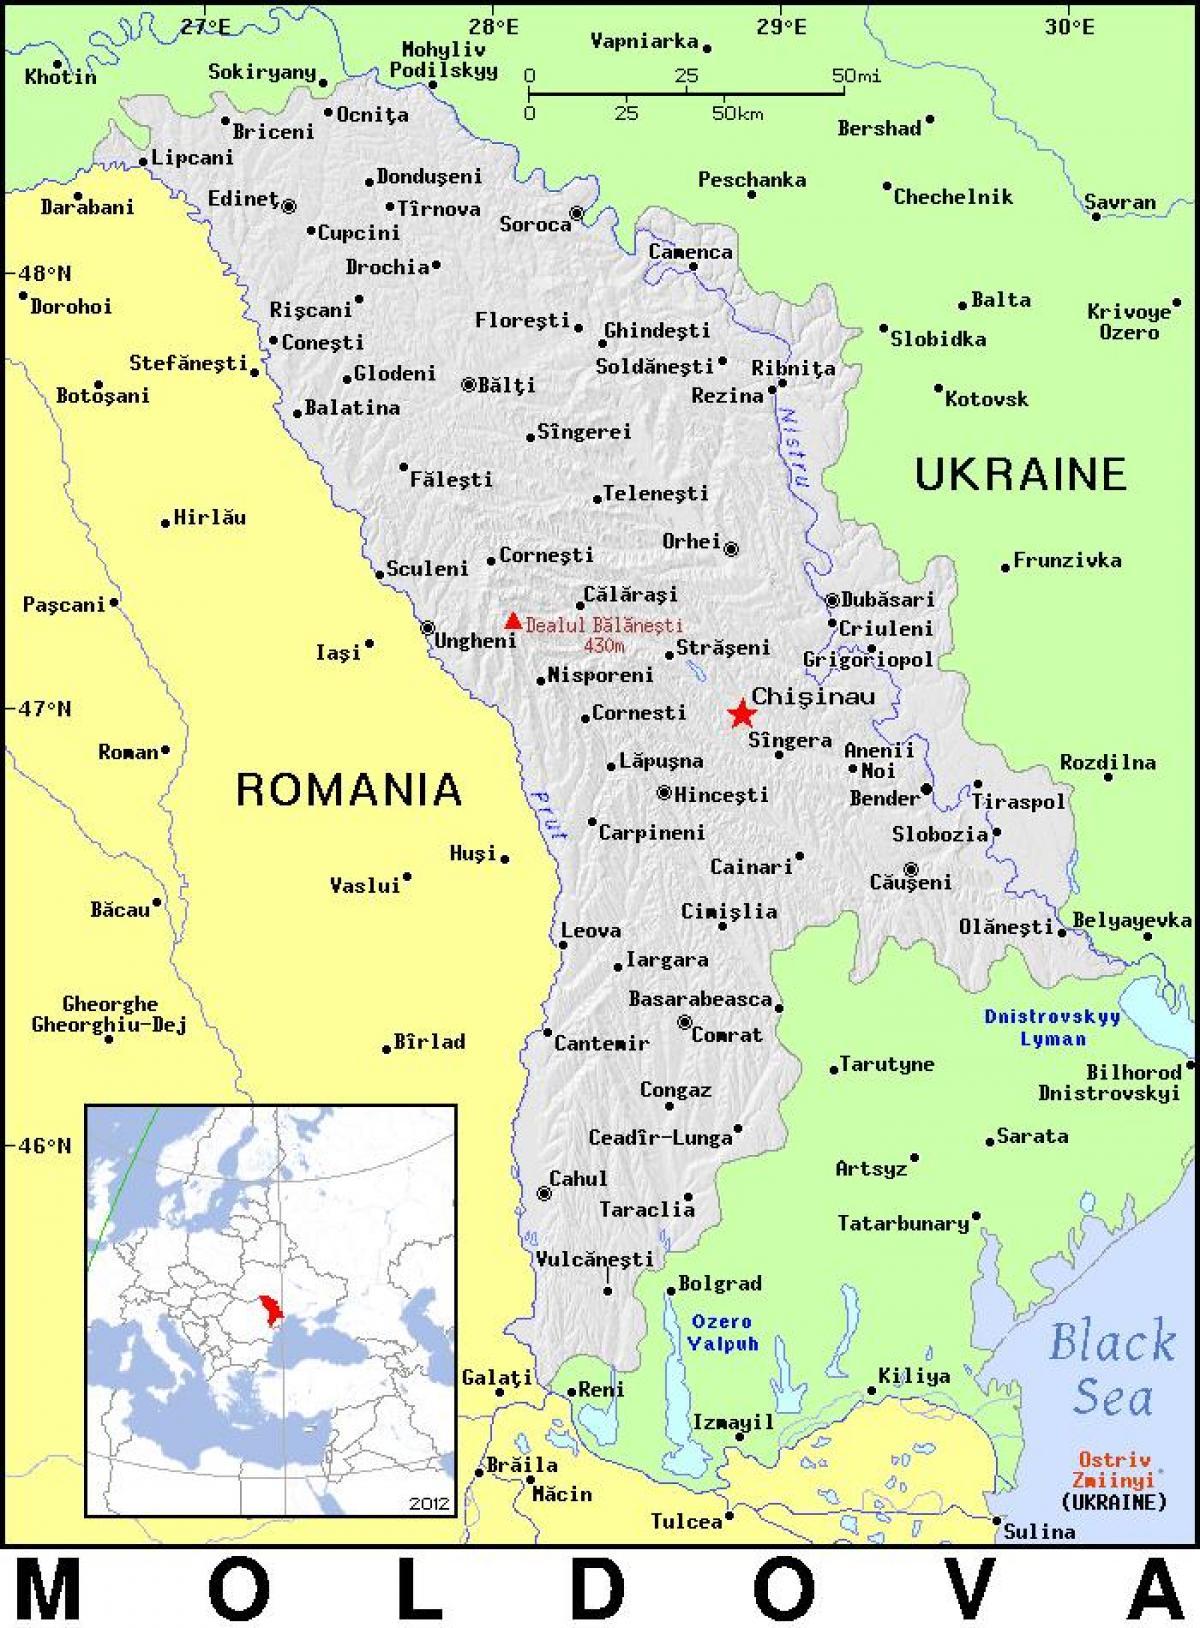 Maa Kartta